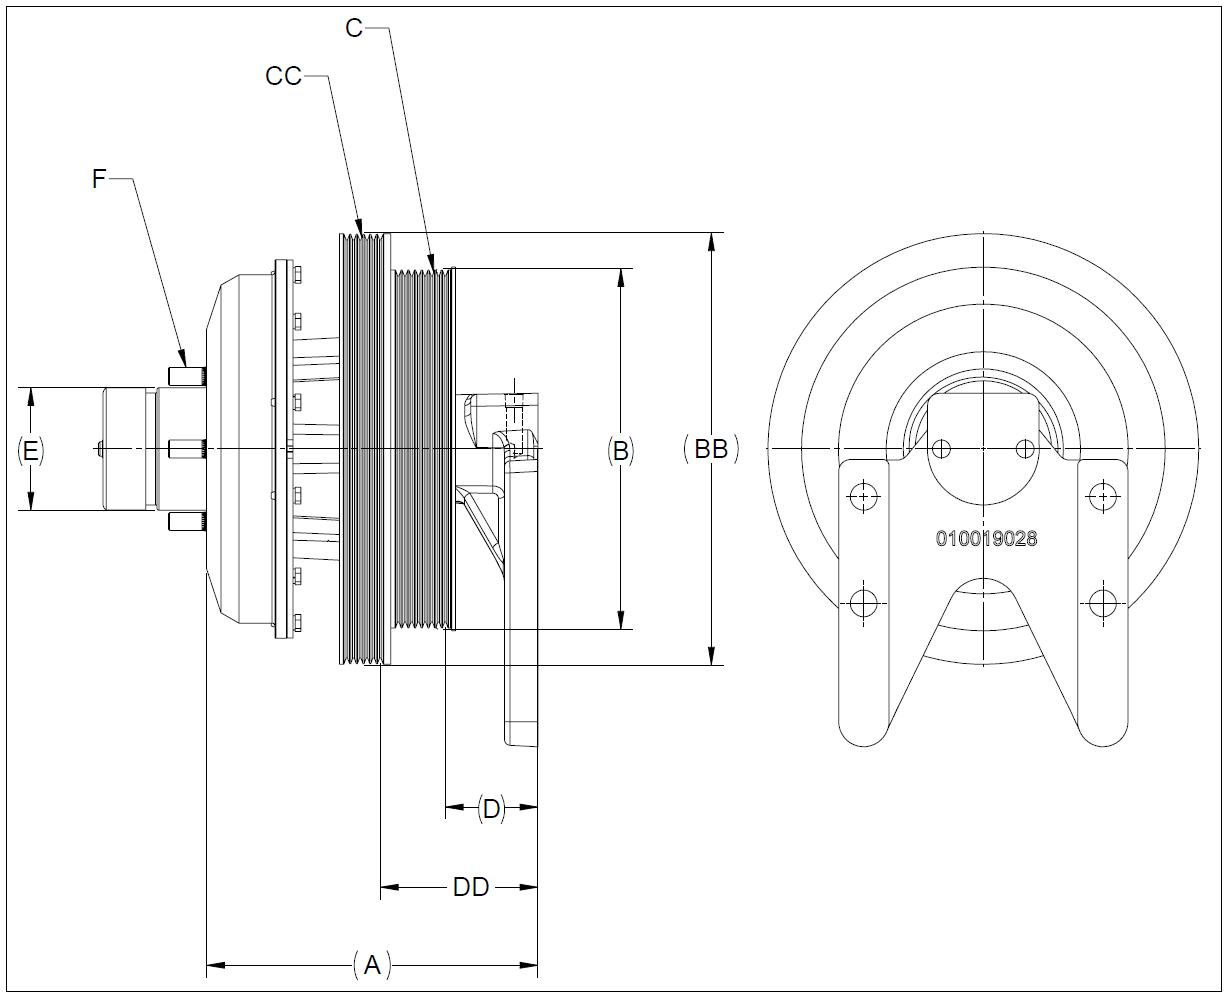 010020084 K26 Rear Air Fan Drive Assembly